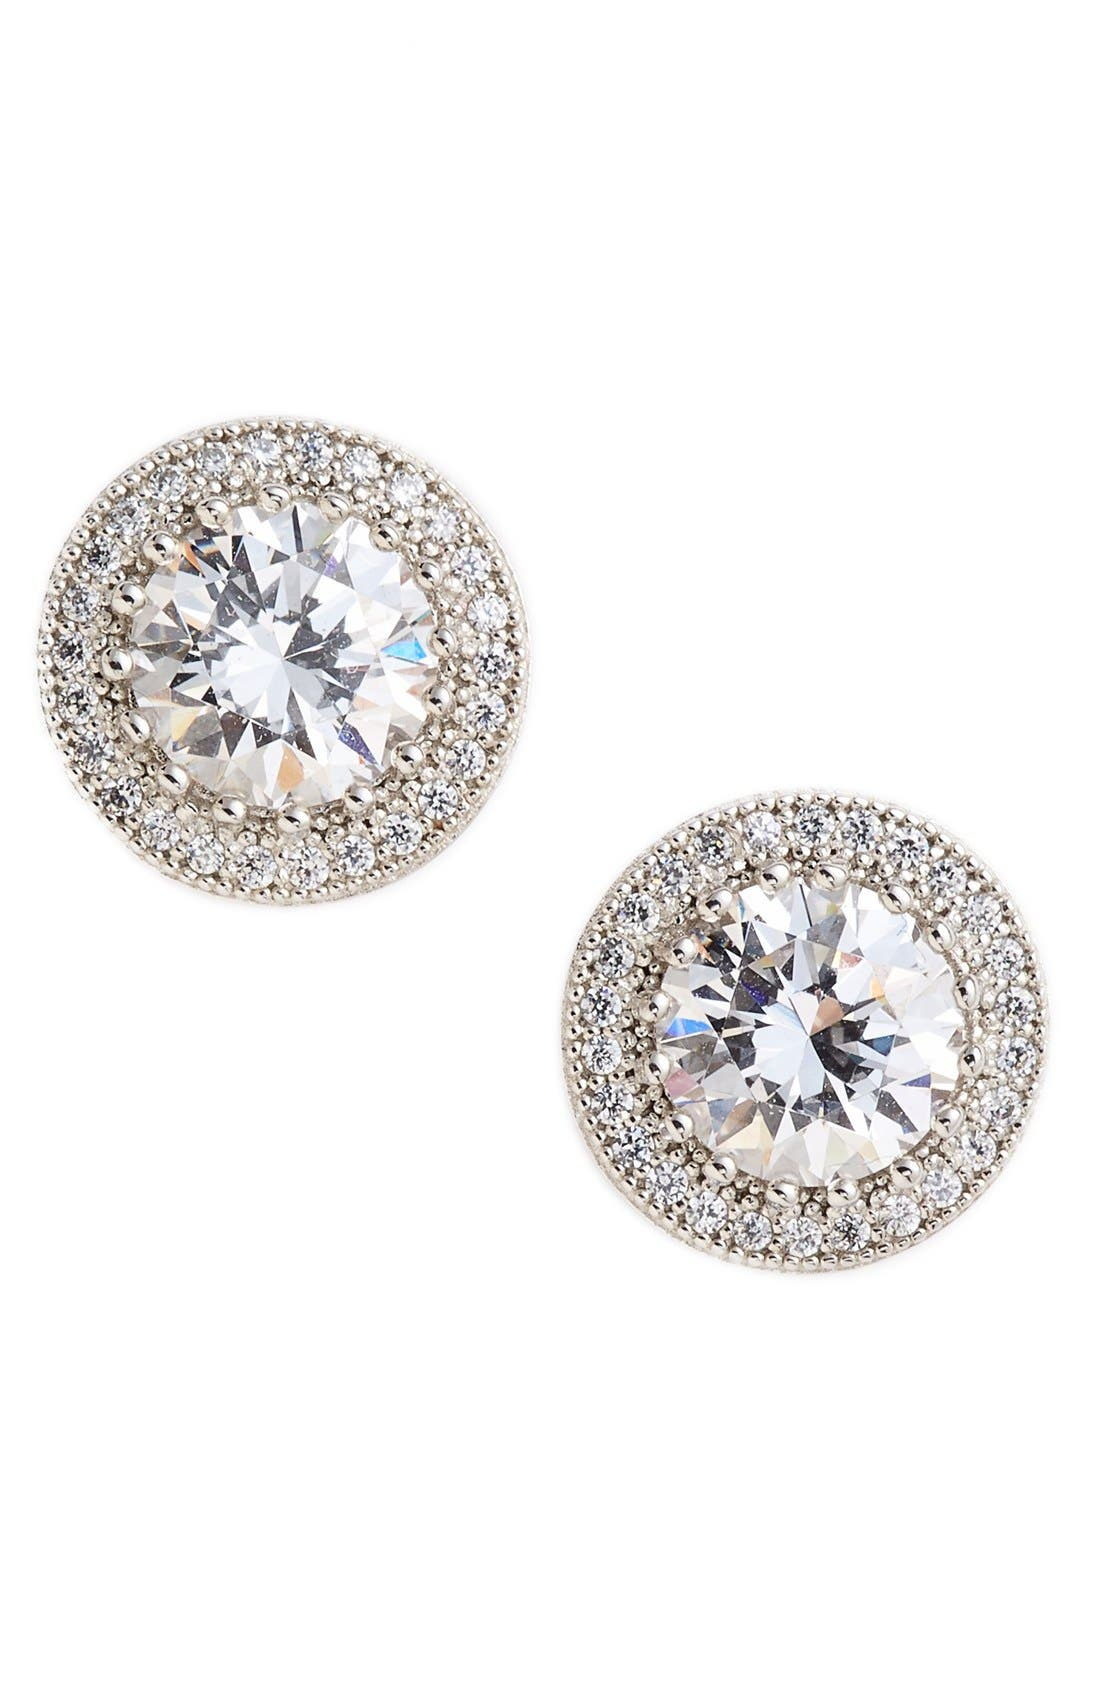 Lafonn'Lassaire' Stud Earrings